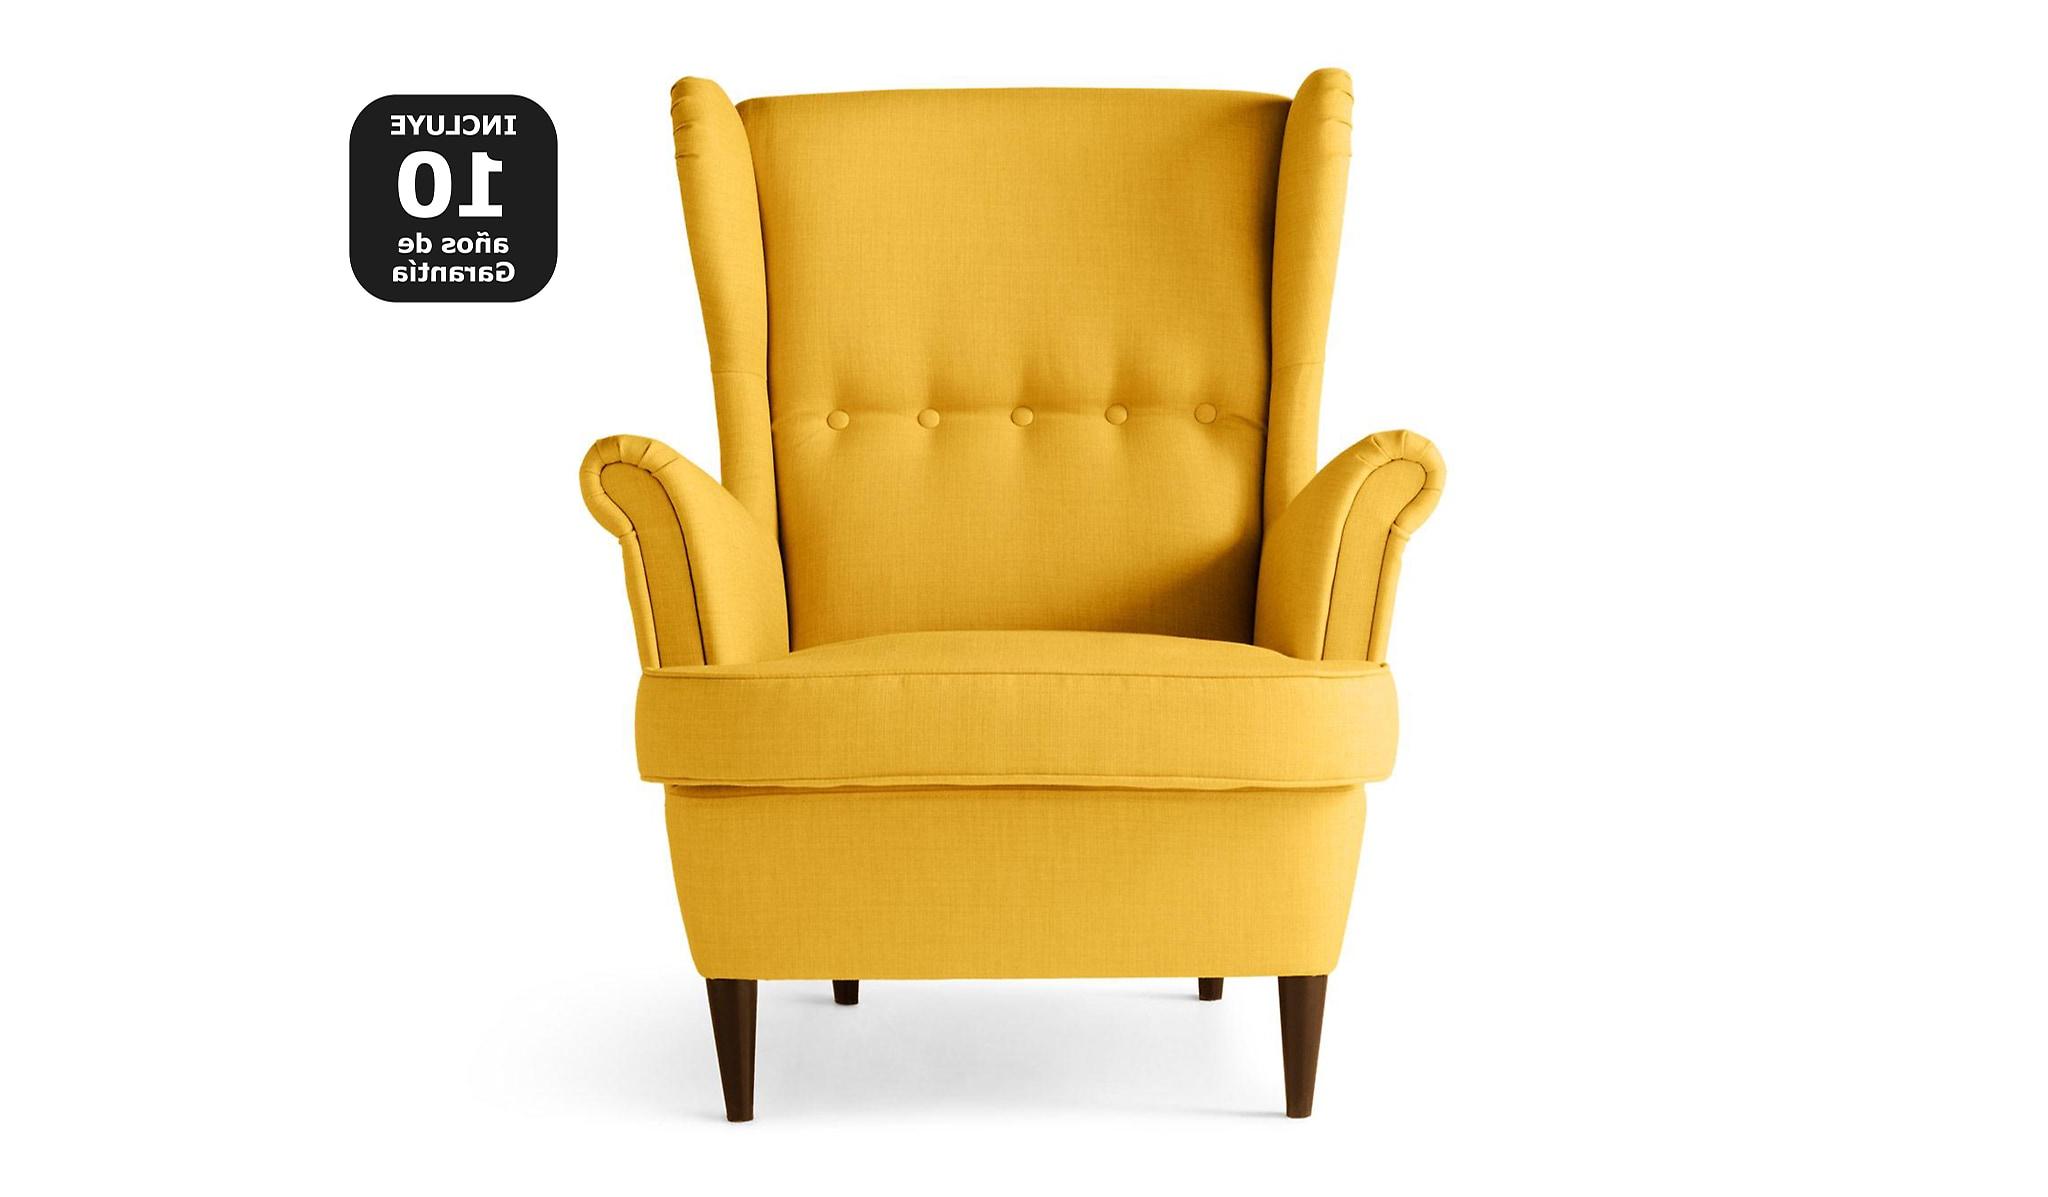 Sillones De Ikea 8ydm Sillones CÃ Modos Y De Calidad Pra Online Ikea